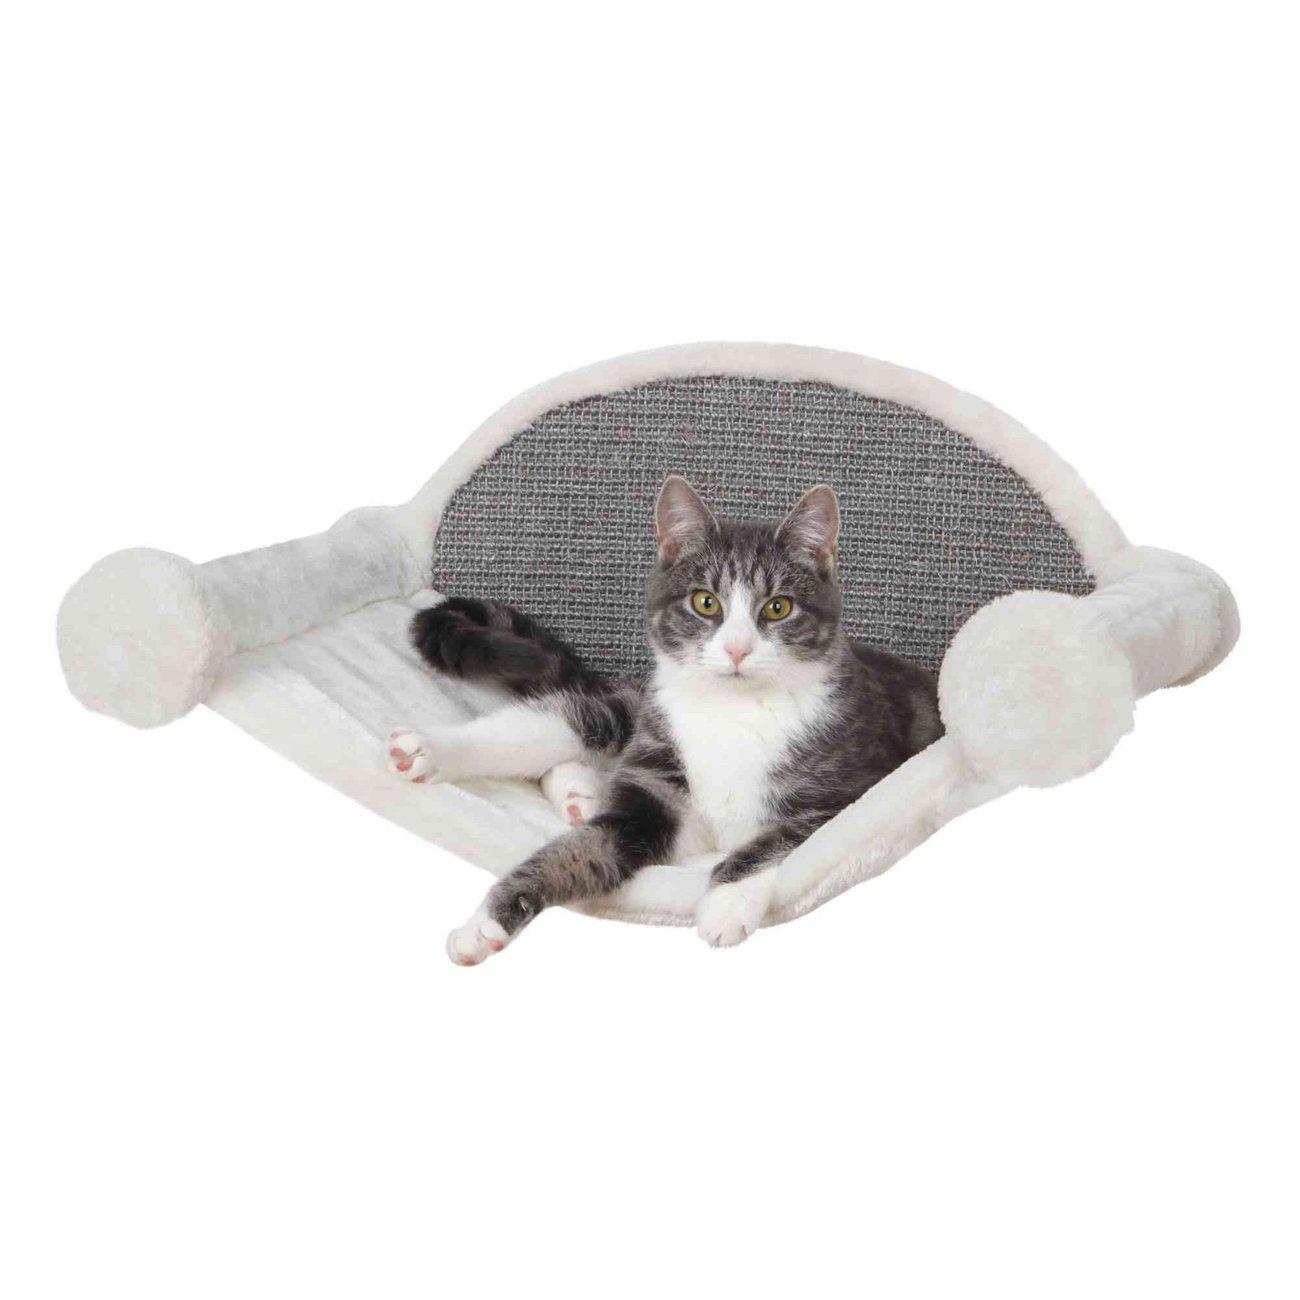 TRIXIE Katzen Hängematte zur Wandmontage 49920, Bild 2